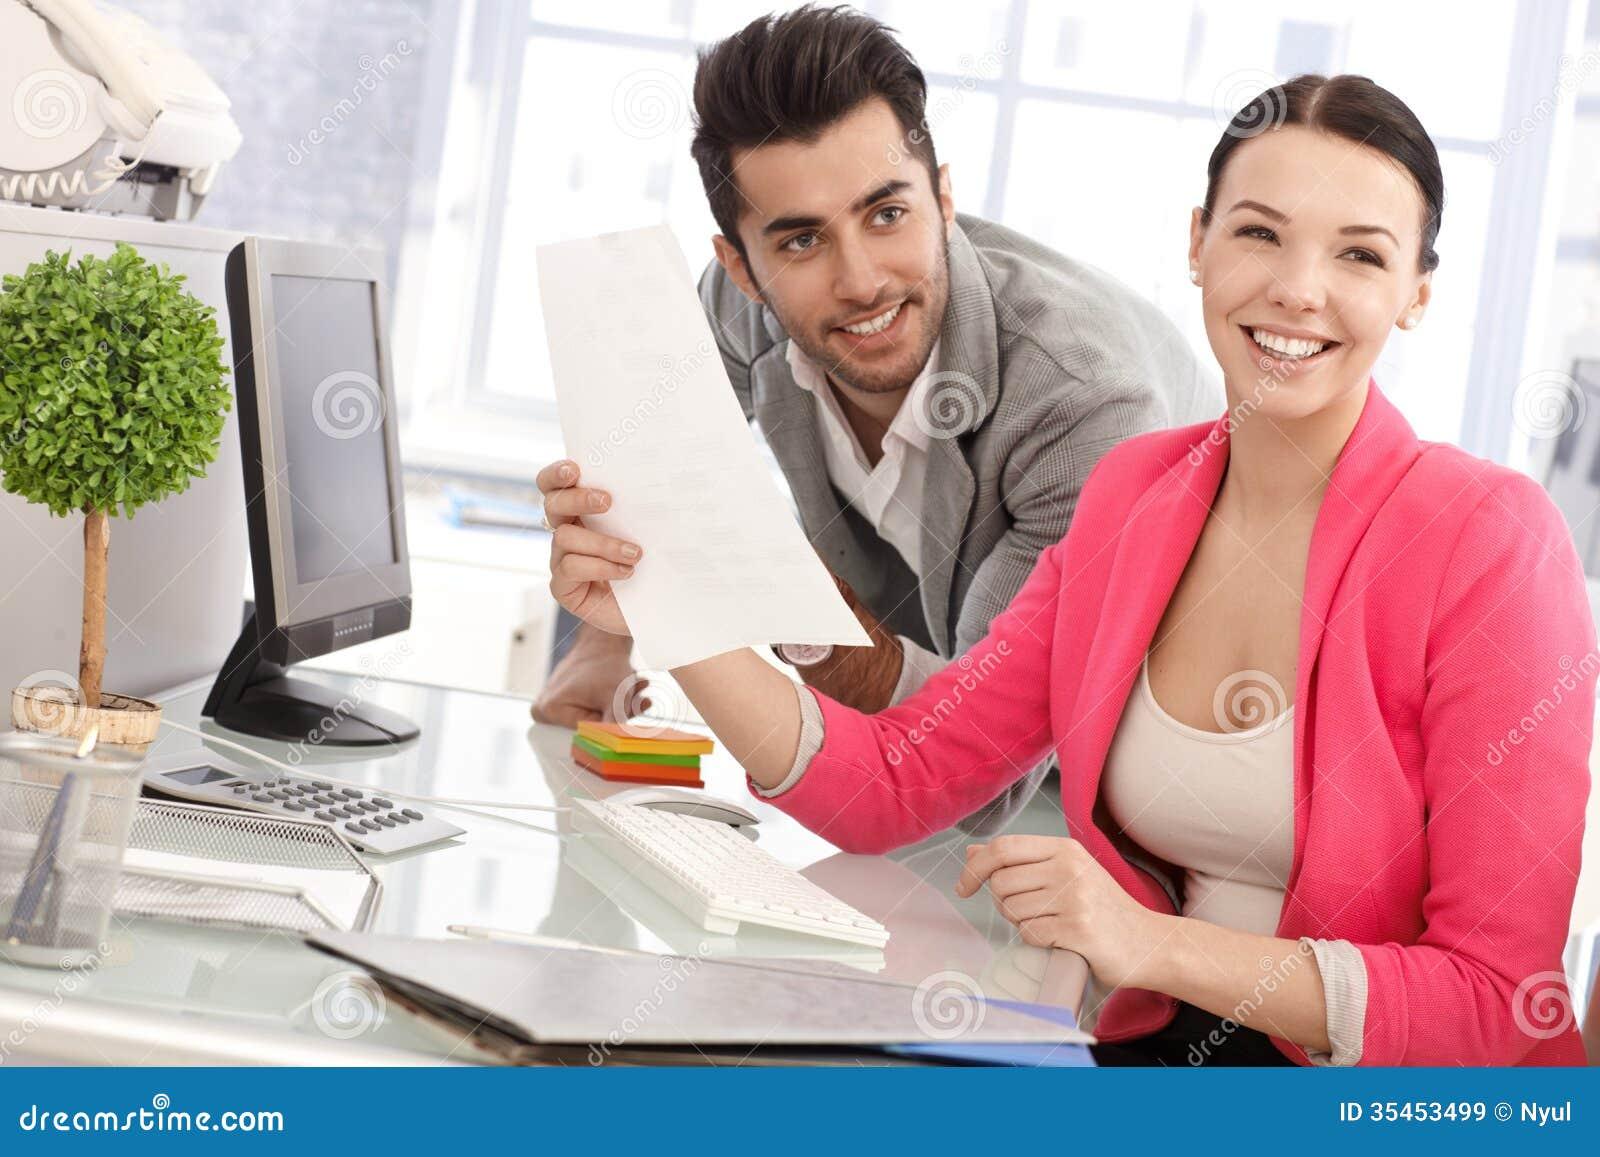 Glückliche Menschen im Büro